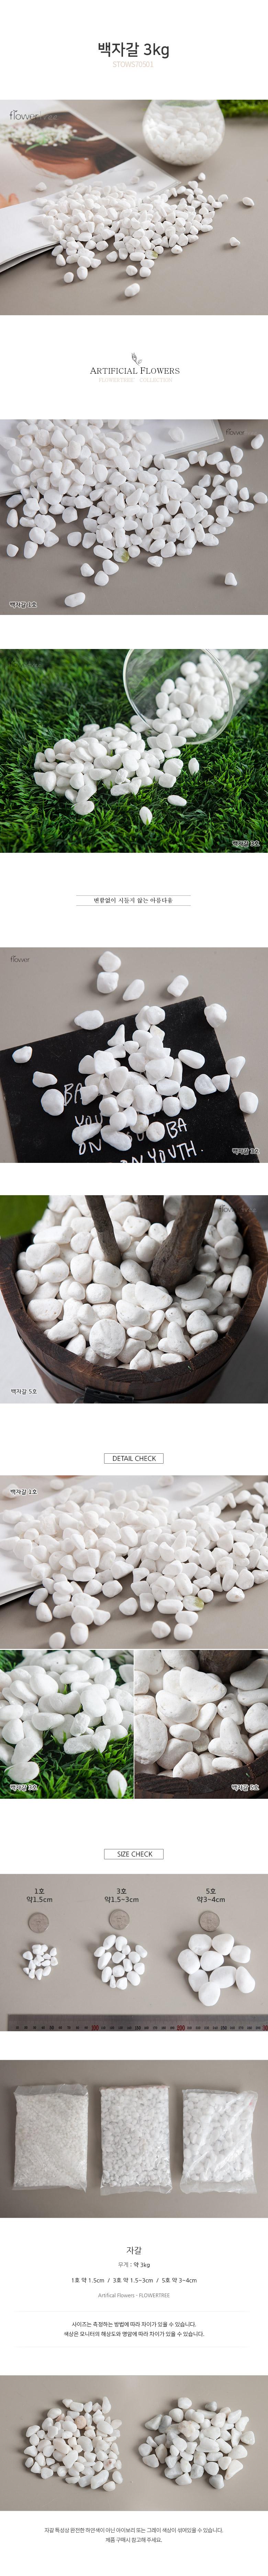 백자갈3kg - 플라워트리, 6,500원, 장식소품, 기타 소품